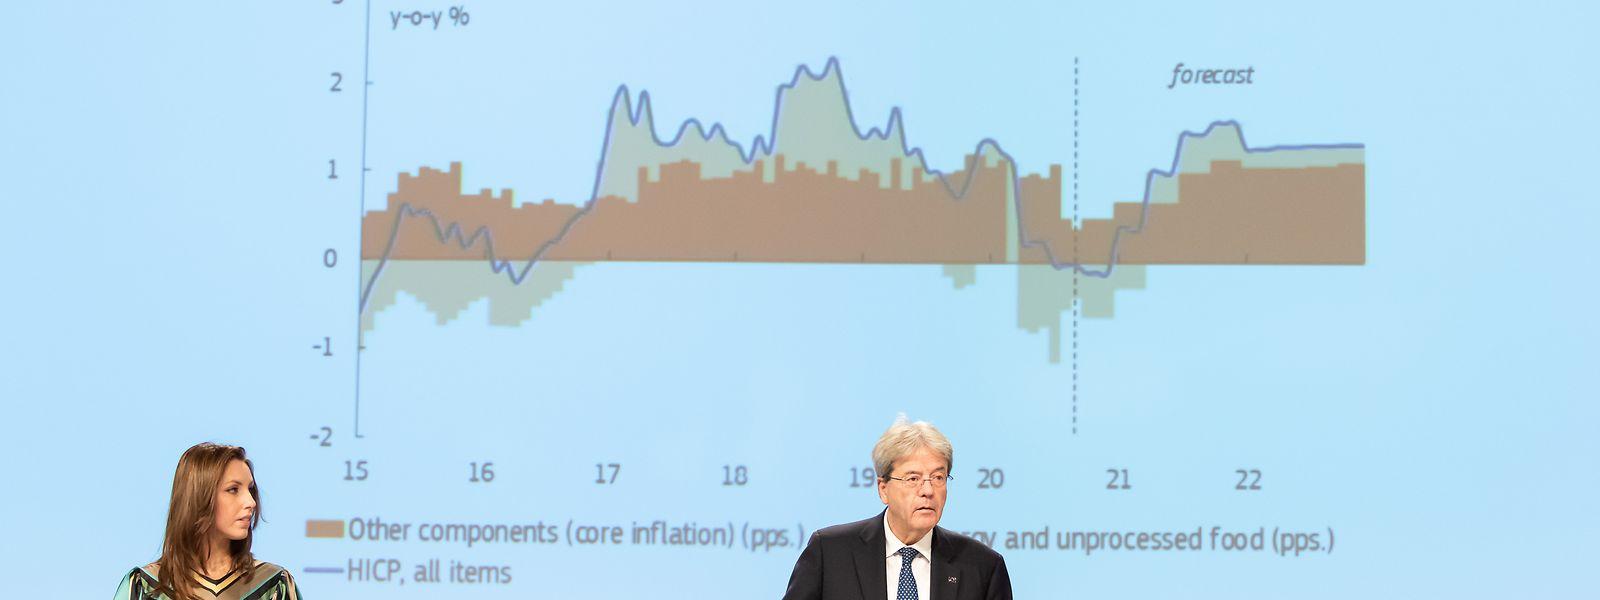 Dans un contexte économique morose Paolo Gentiloni, commissaire européen à l'Economie, appelle les Etats membres à poursuivre leurs «politiques économiques et budgétaires favorables» à la croissance.